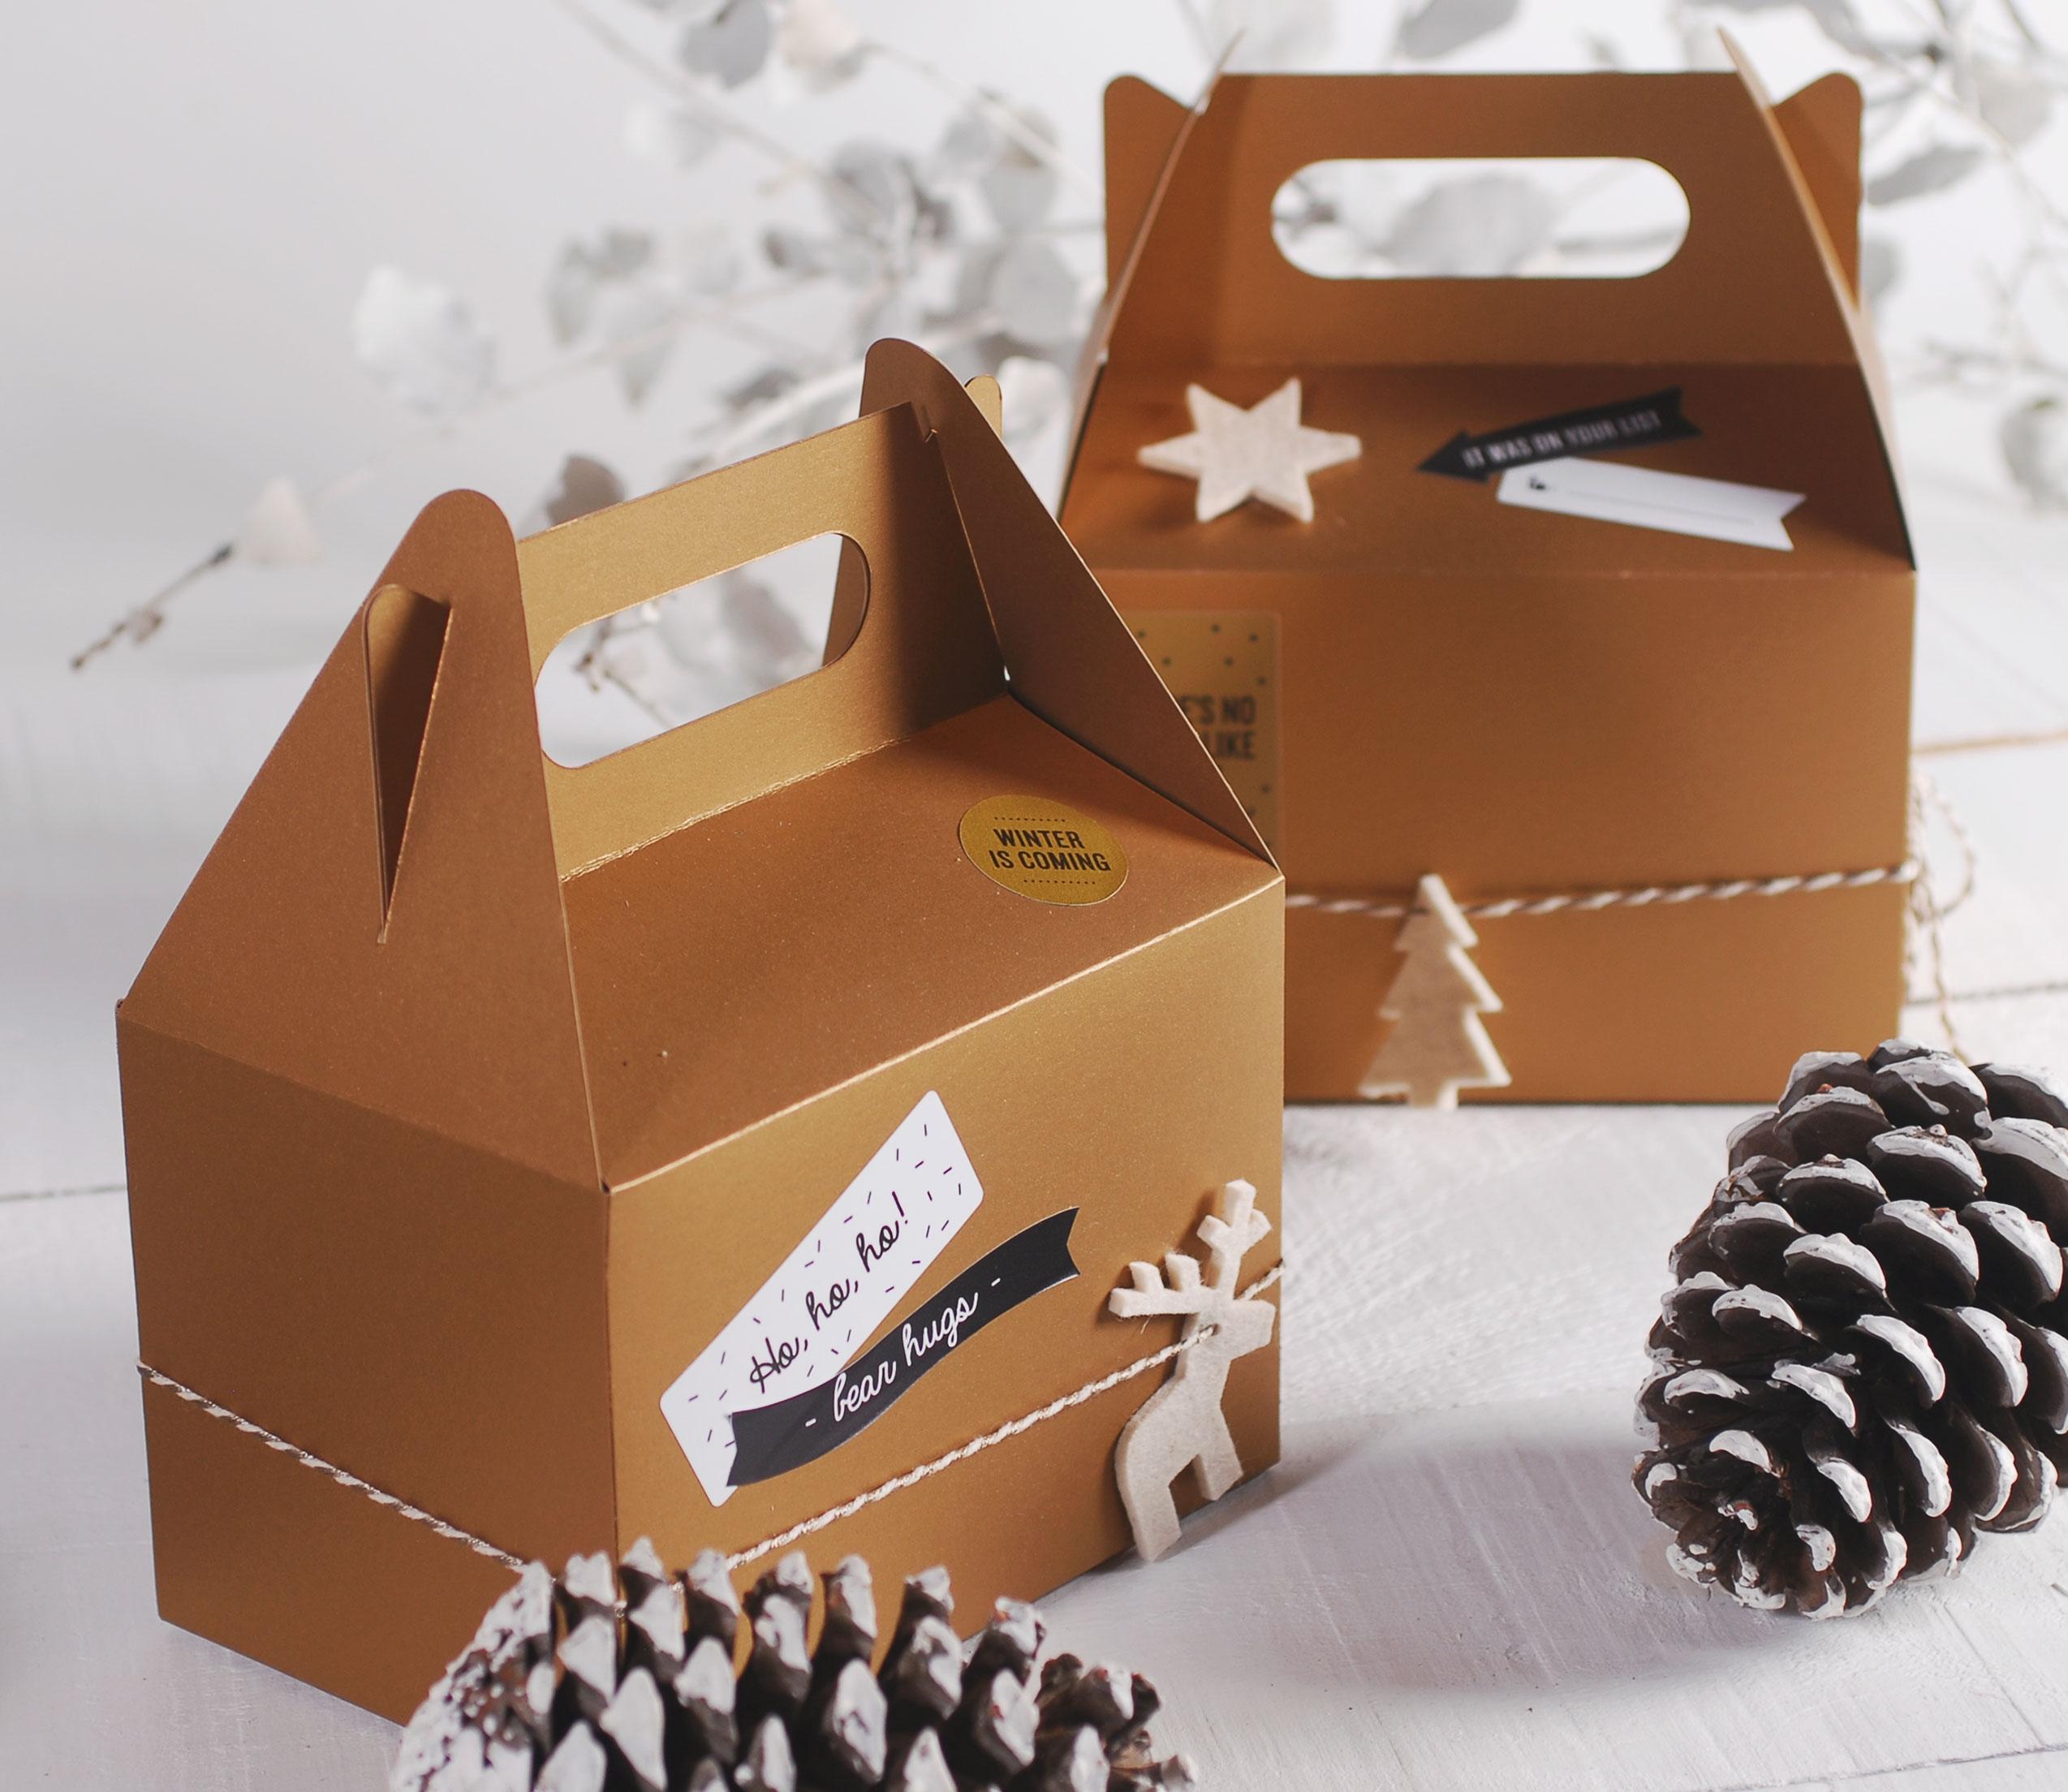 Scatole Per Regali Di Natale.Scatola Da Picnic Per Regali Di Natale Selfpackaging